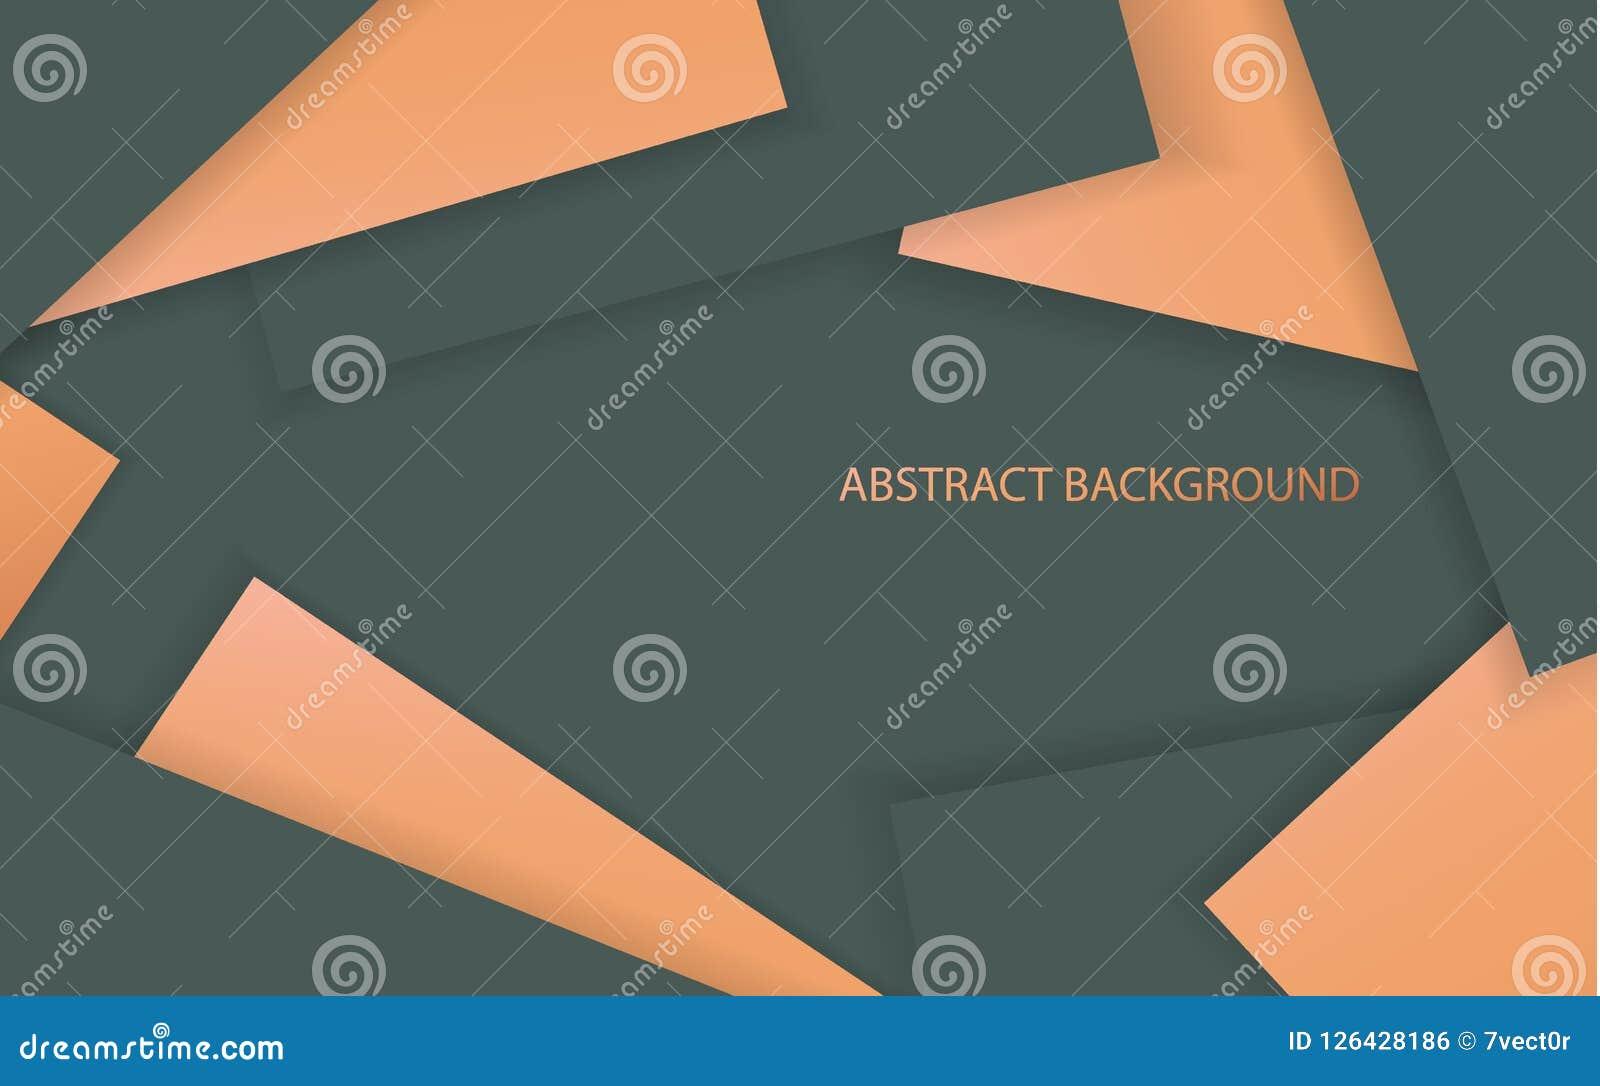 Fondo de papel acodado extracto del estilo